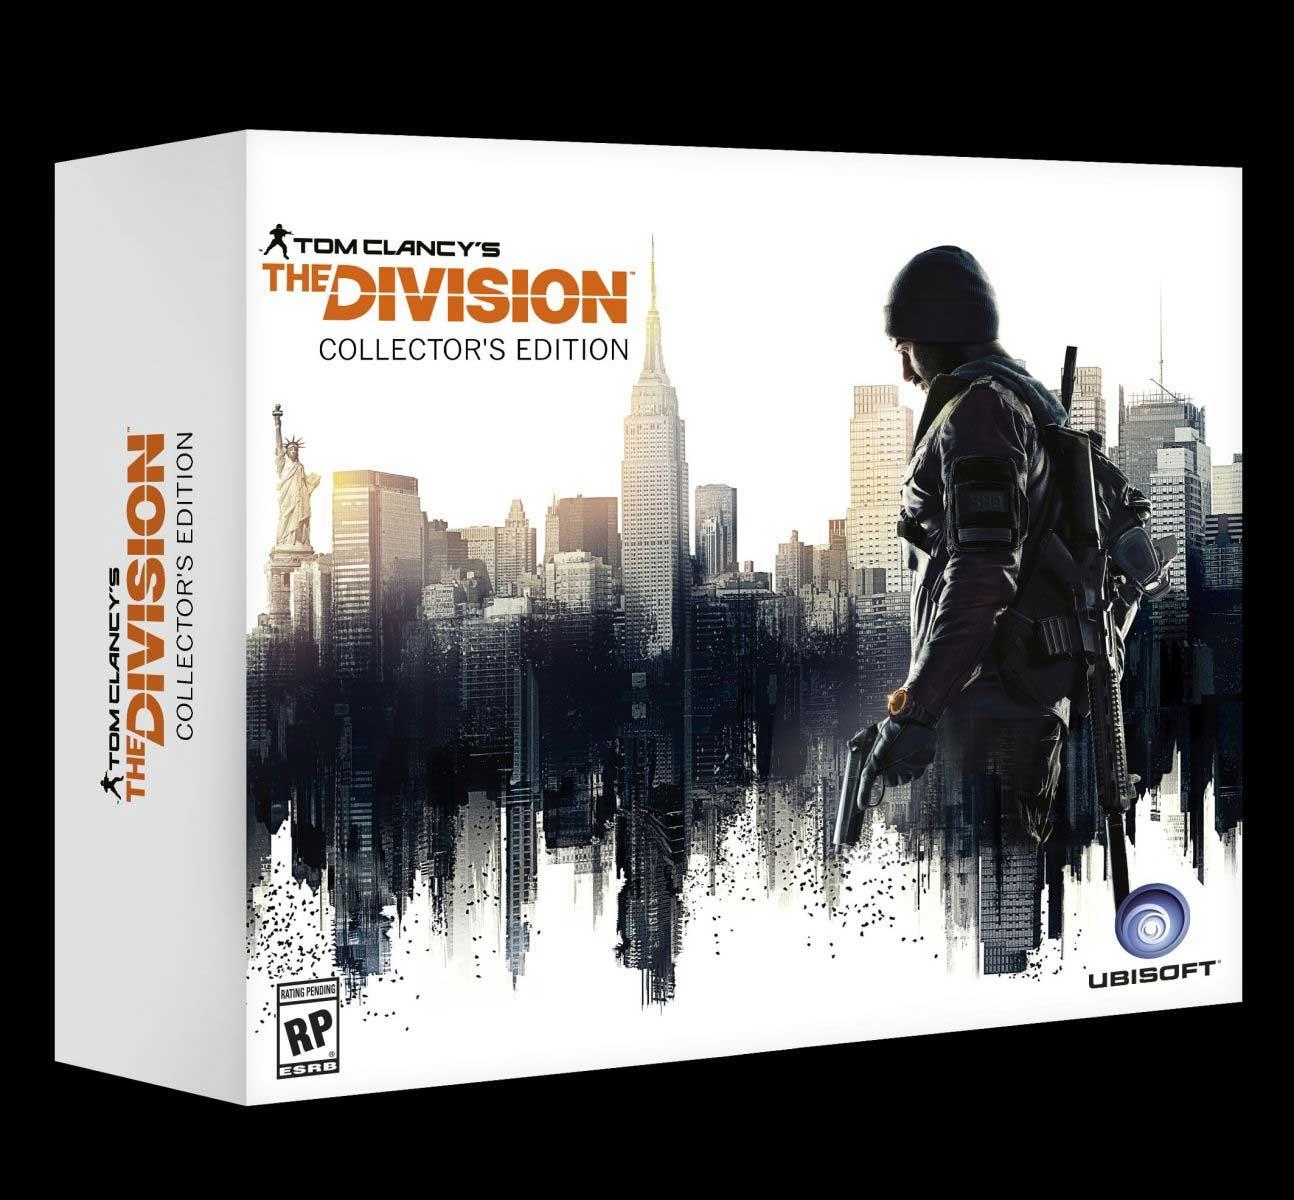 Tom Clancy's The Division - wydanie kolekcjonerskie.